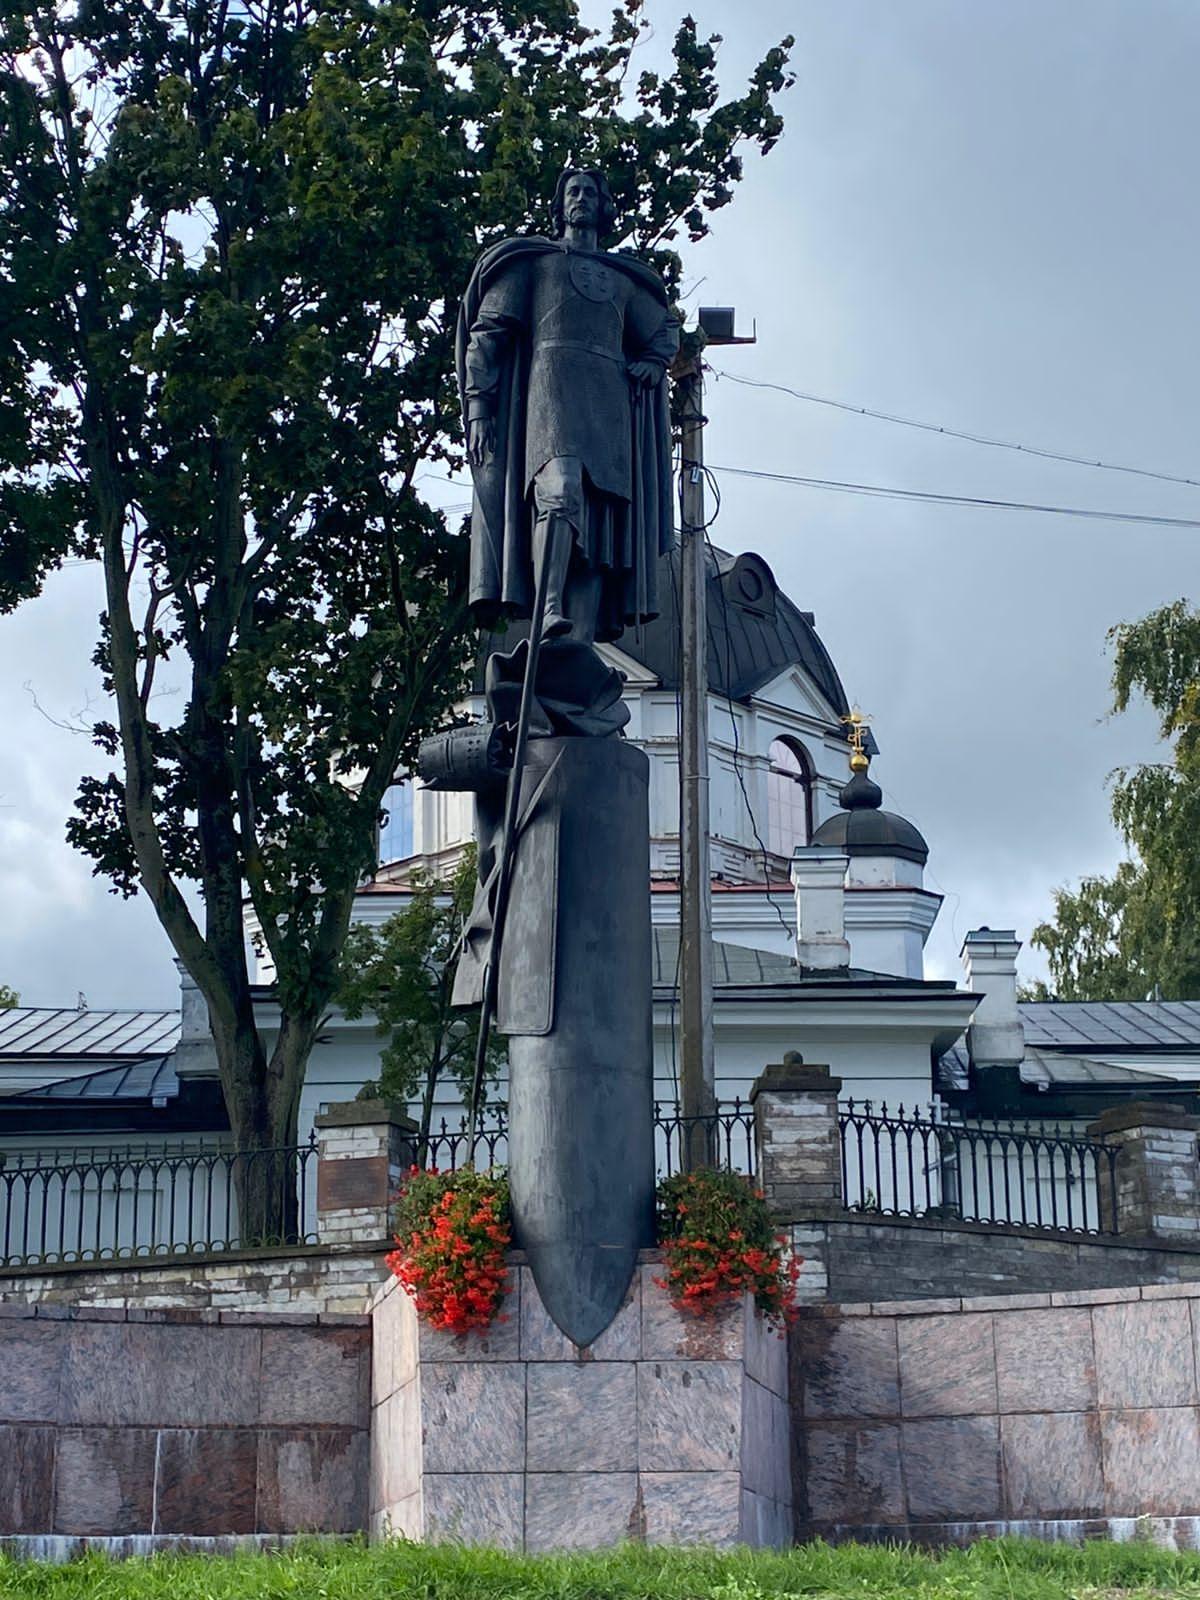 Памятник Святого благоверного князя Александра Невского в Усть-Ижоре - князь изображен в кольчуге и плаще, поставив ногу на обмундирование шведского воина. На фоне - церковь и зеленые деревья.